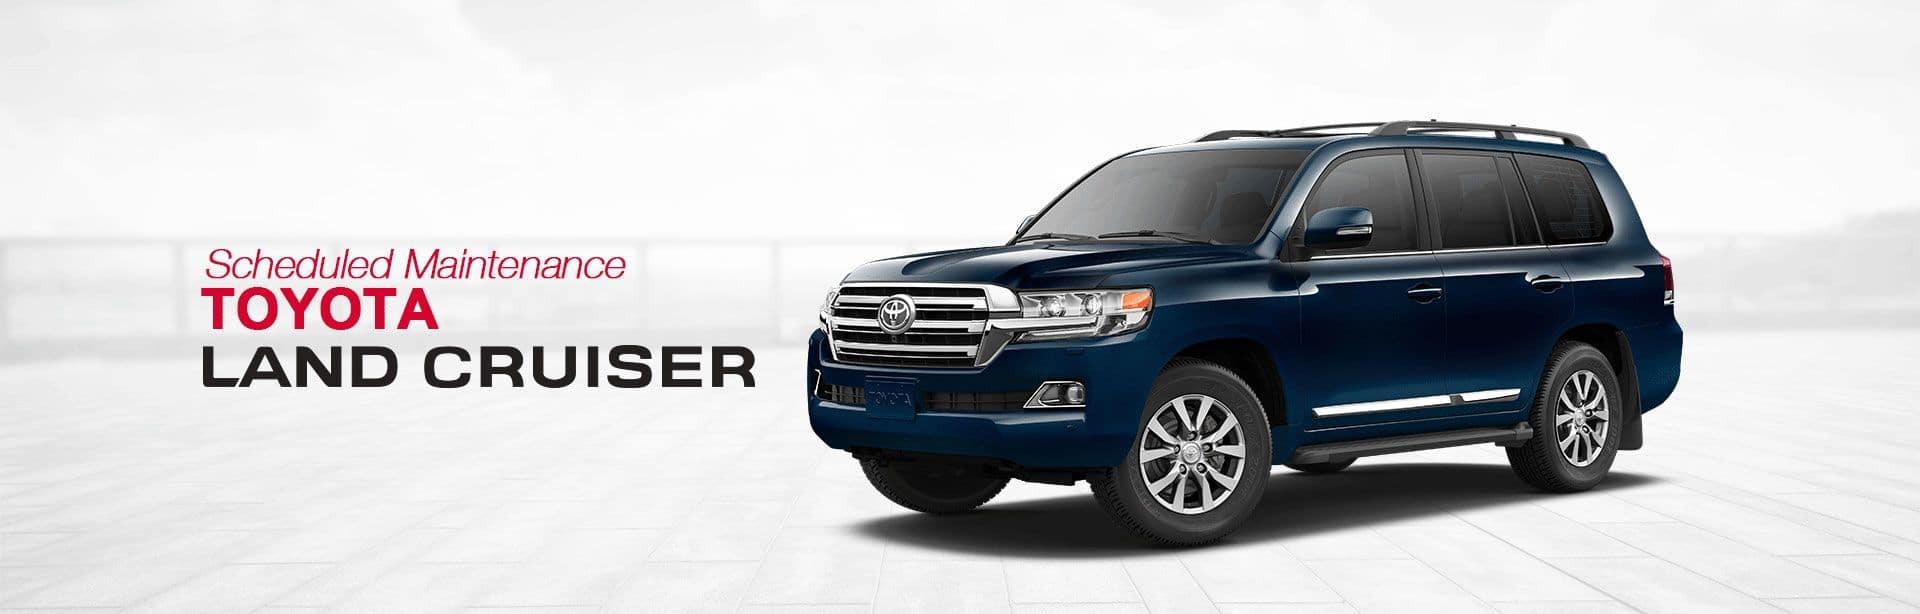 Toyota Land Cruiser Scheduled Maintenance